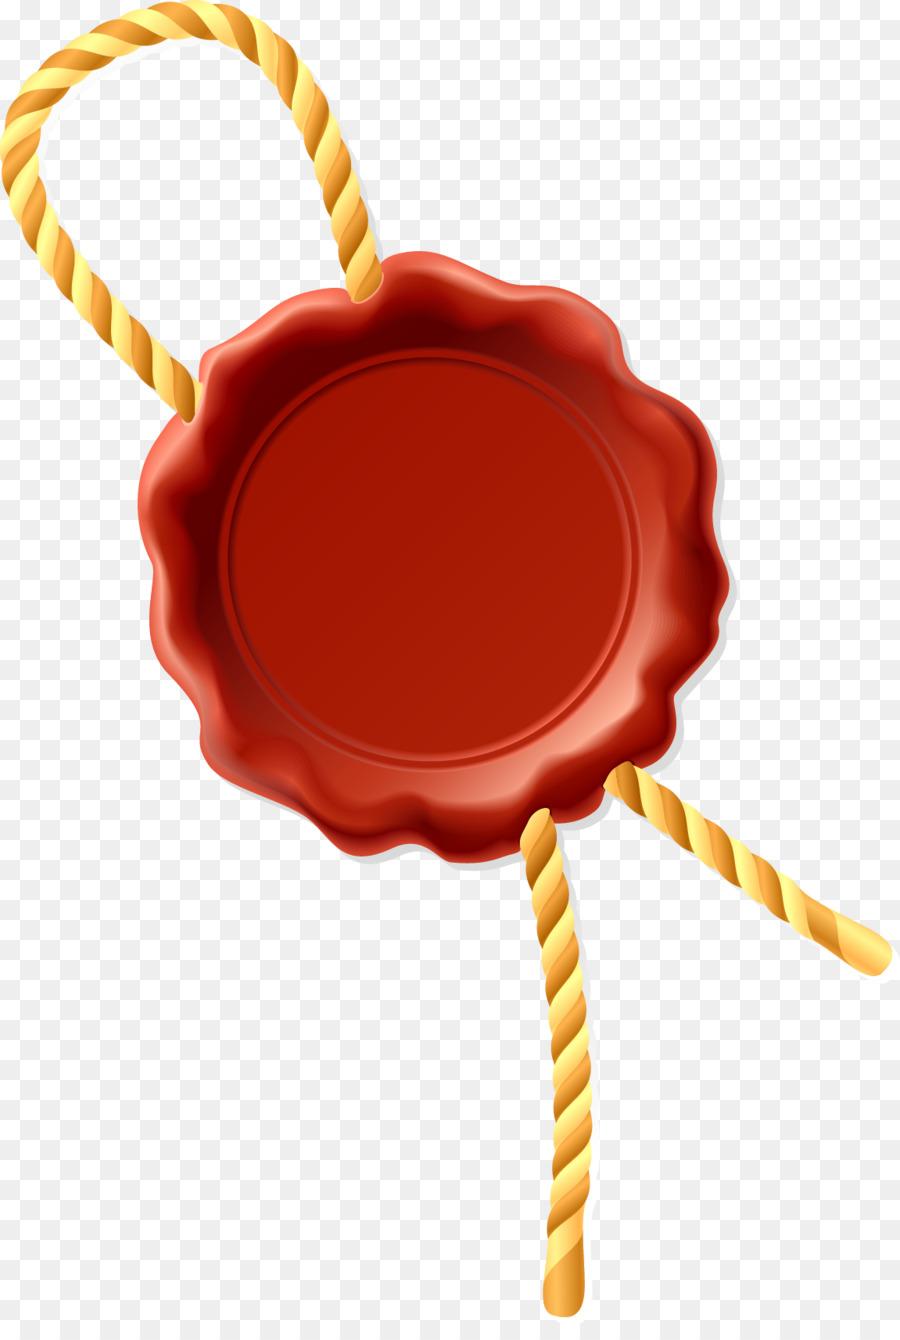 900x1340 Sealing Wax Envelope Euclidean Vector